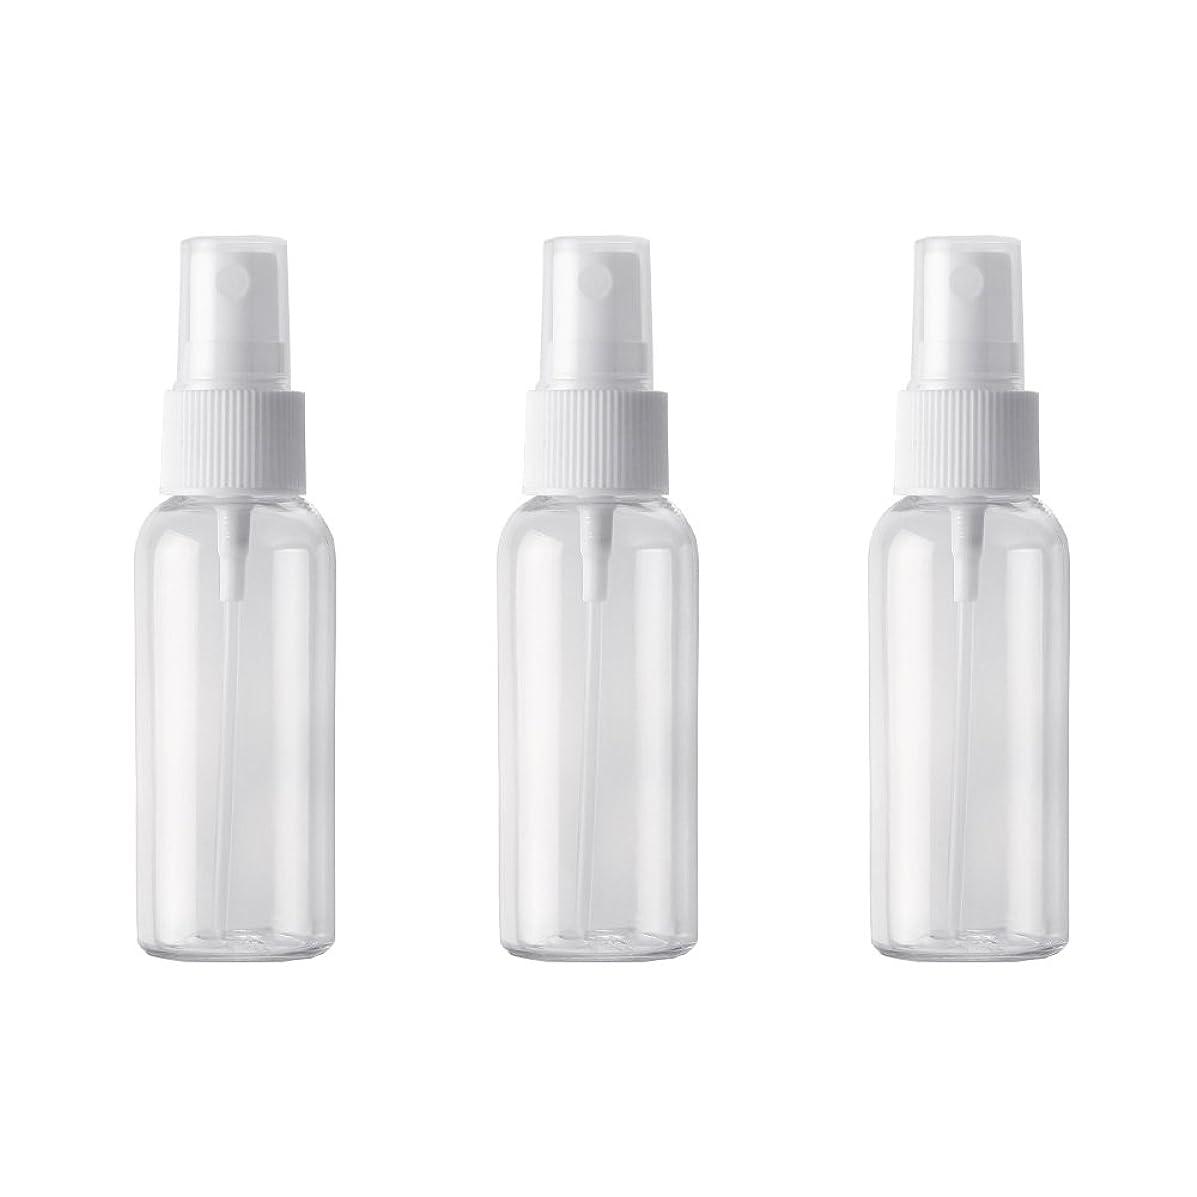 にやにやクレデンシャル敵対的PET小分けボトル トラベルボトル スプレーボトル 3本セット 霧吹き 小分け容器 化粧水 精製水 詰替ボトル 旅行用(50ml )